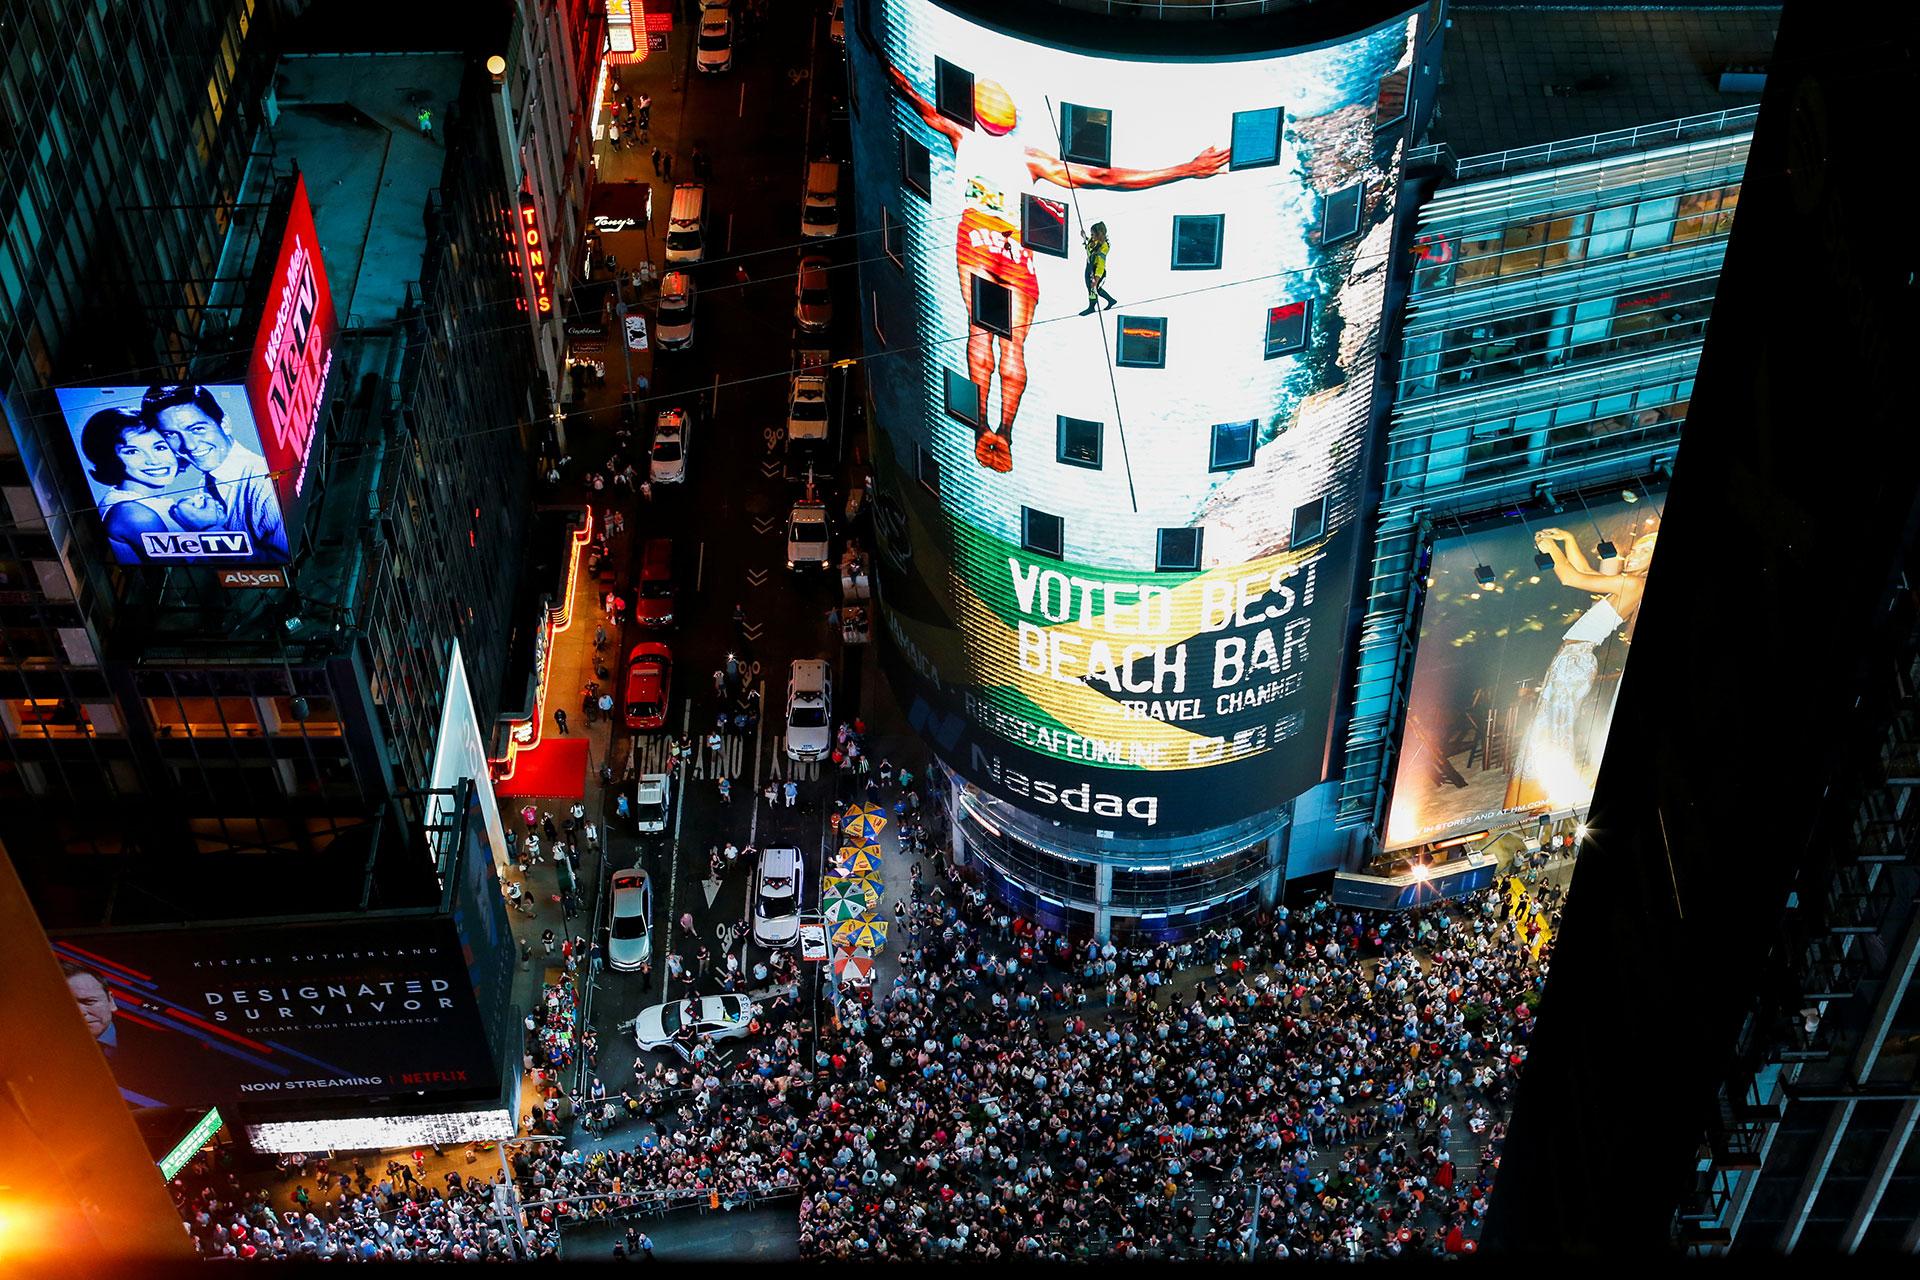 Las alturas de Nueva York por donde cruzaron sobre un cable a 25 pisos de altura los hermanos Nik y Lijana Wallenda.